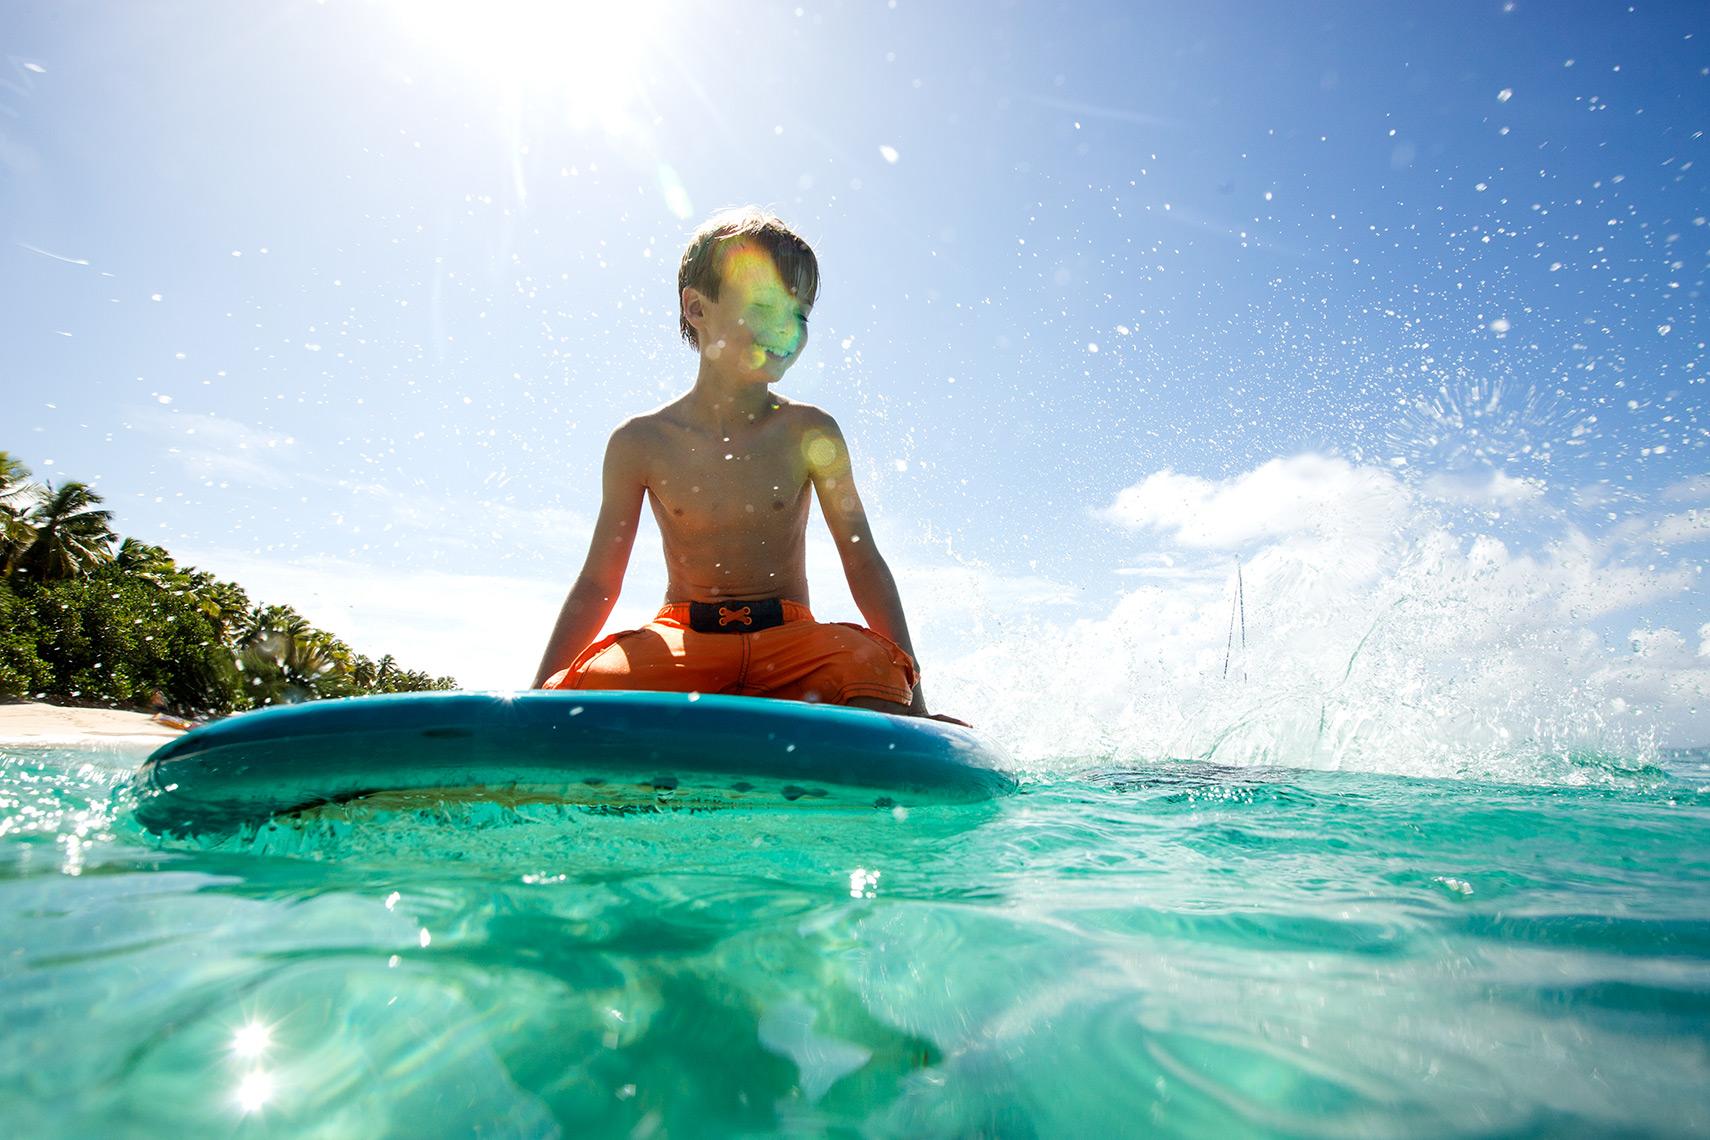 kids tourism photographer in miami